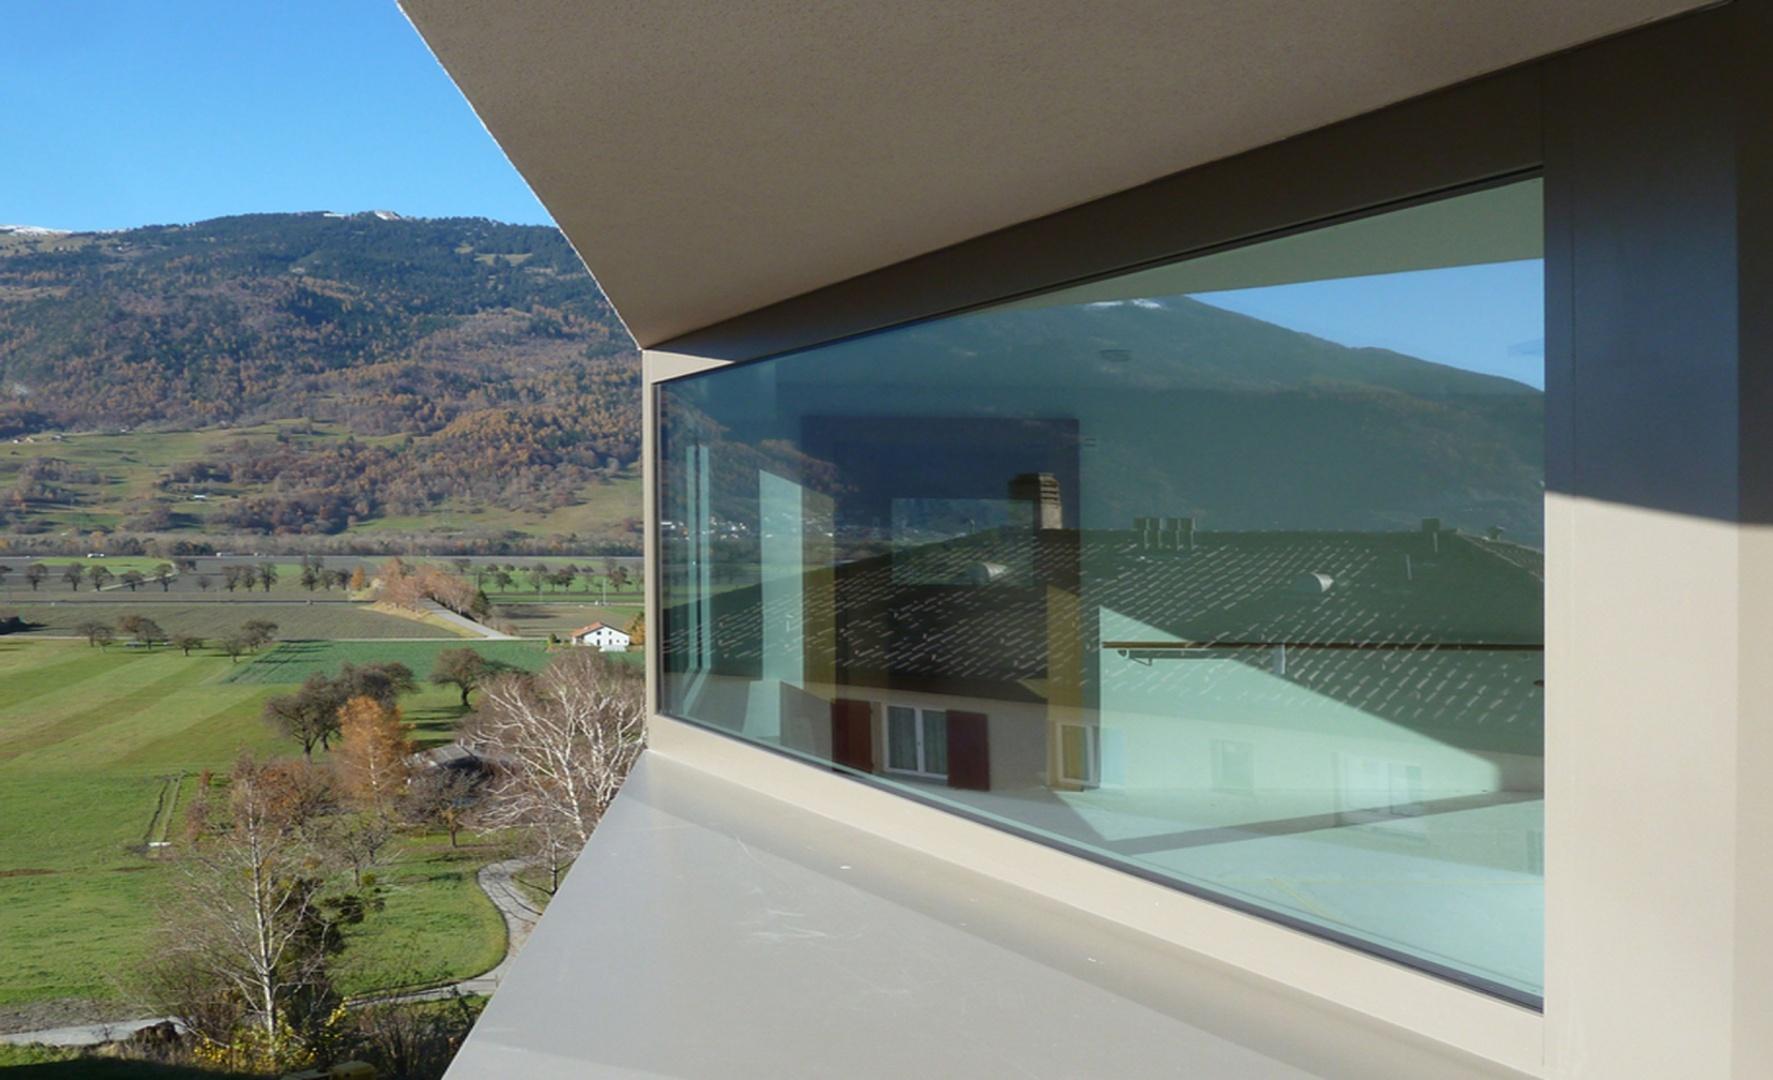 Vue extérieure détaillé fenêtre © Josef Prinz, Ravensburg